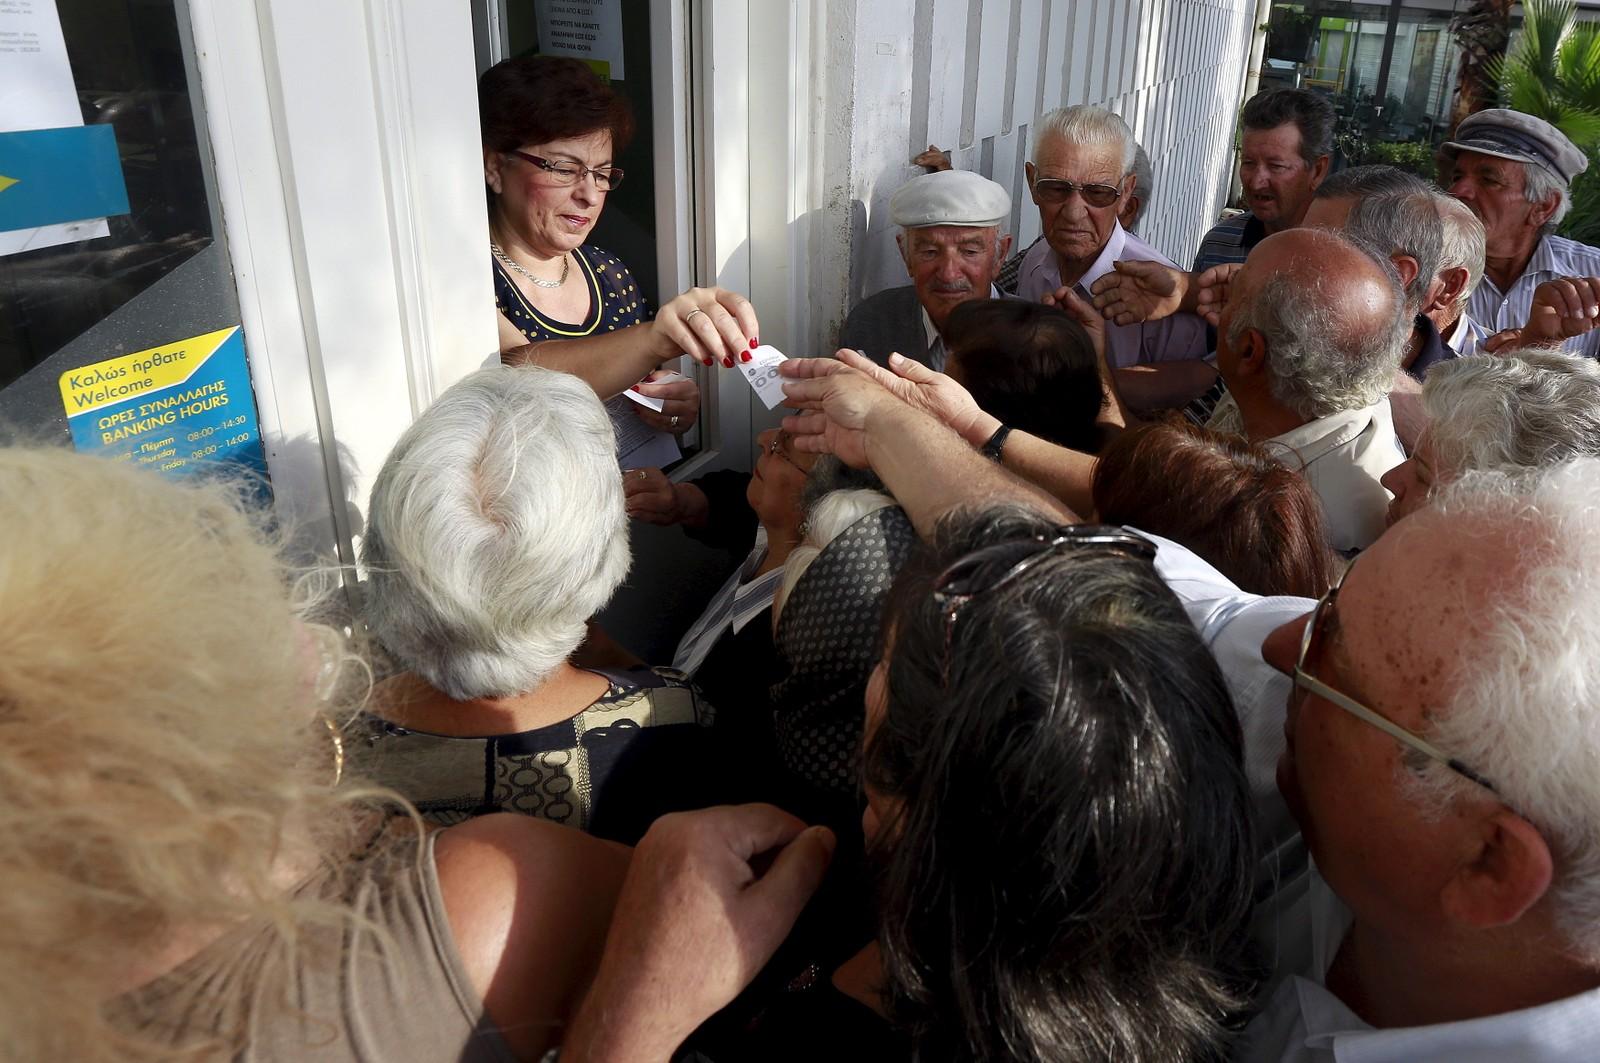 Pensjonister presser på for å få tak i en kølapp som deles ut ved en bankfilial på øya Santorini.